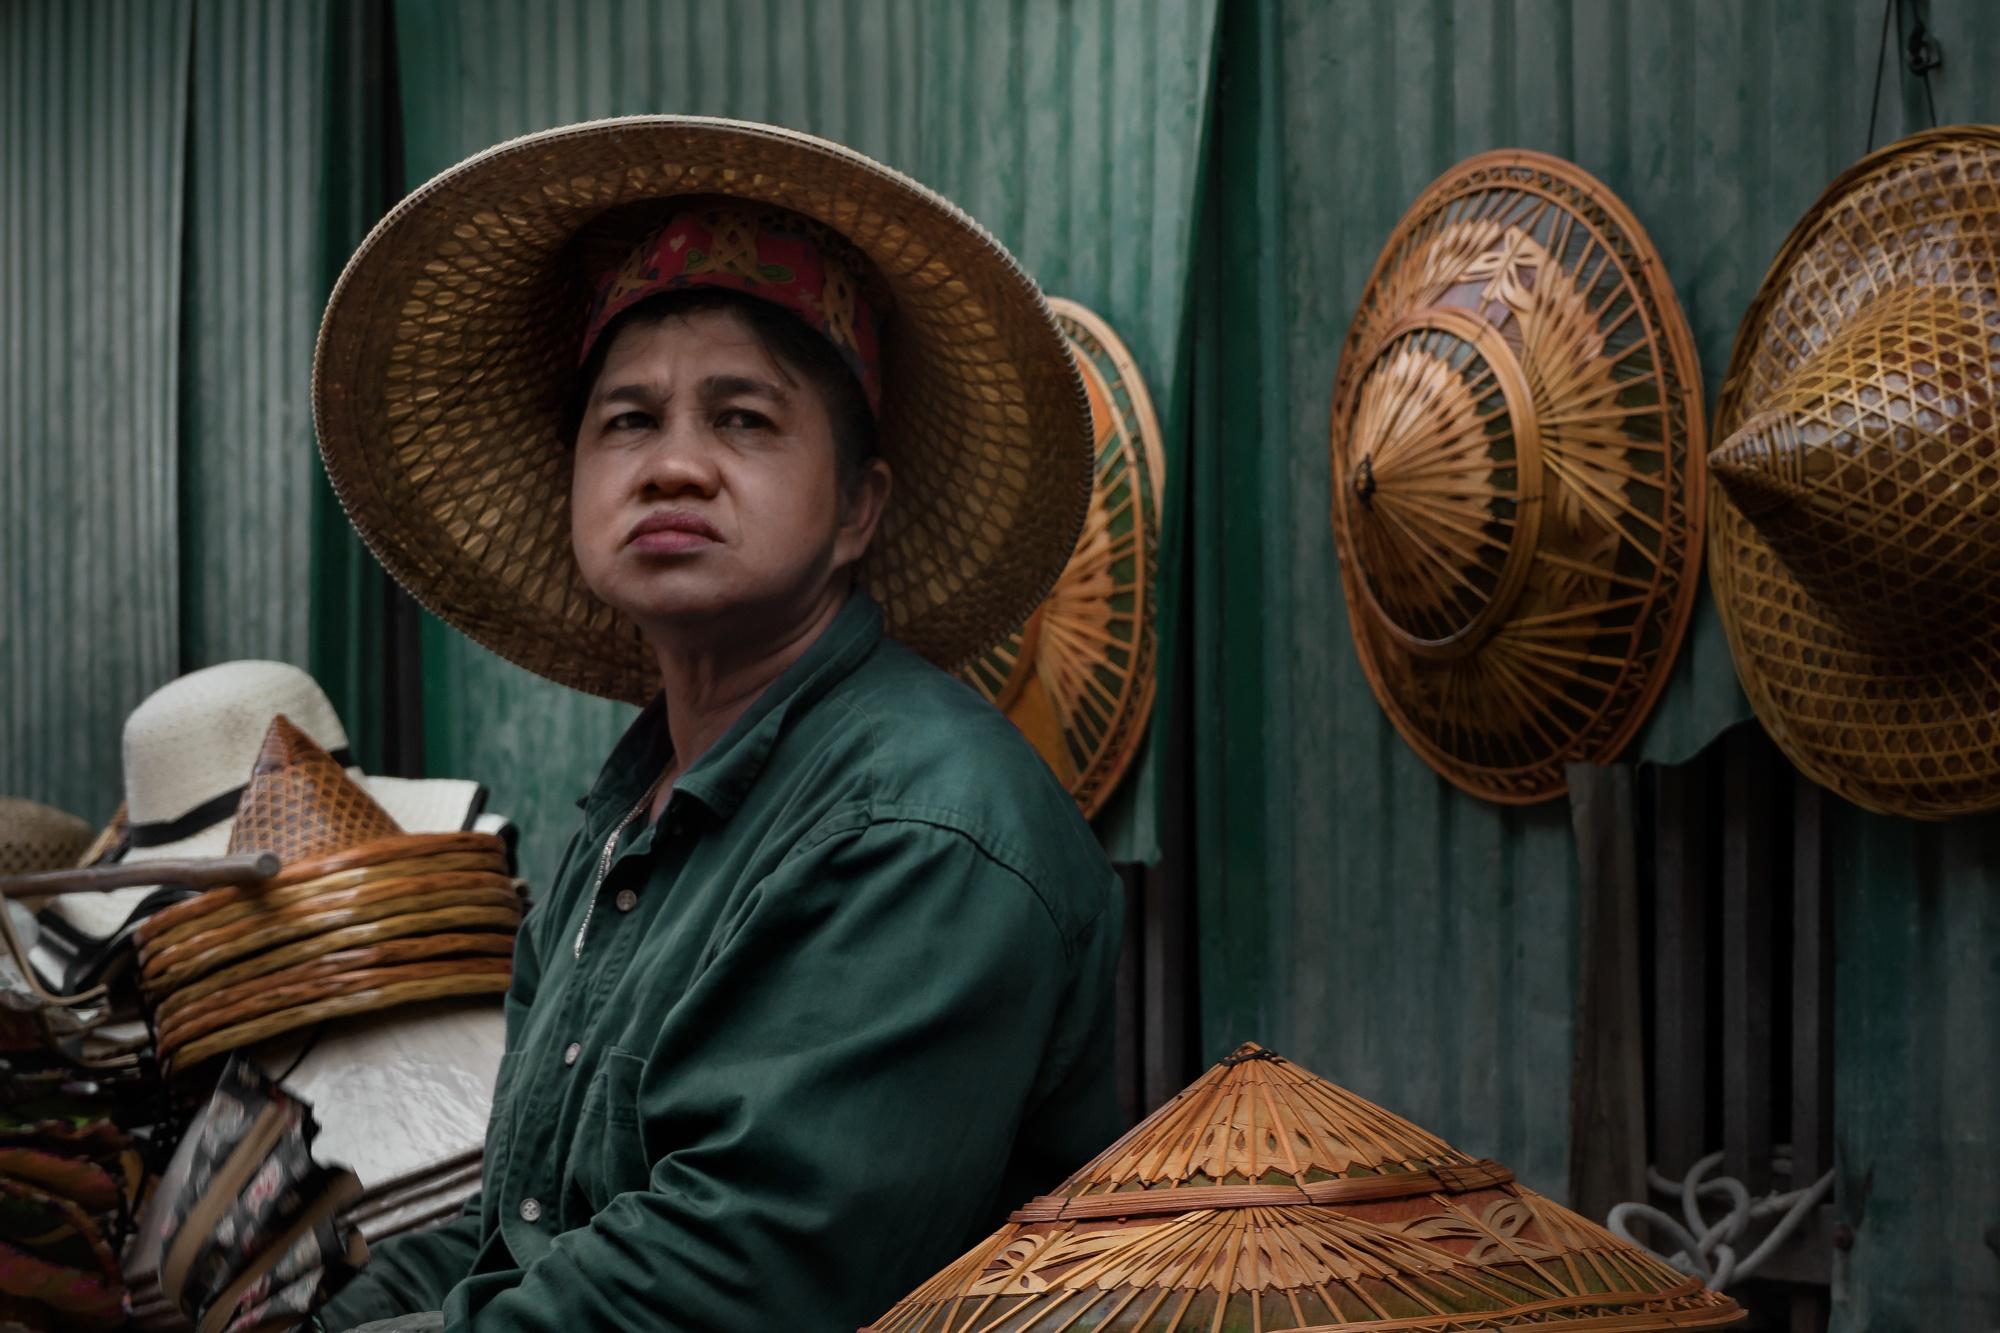 Vendedora de Sombreros, Damnoen Saduak (Tailandia - 2017) - Venditrice di Cappelli, Damnoen Saduak (Tailandia - 2017) - Visage | Ritratti di Viaggio | Dani Vottero